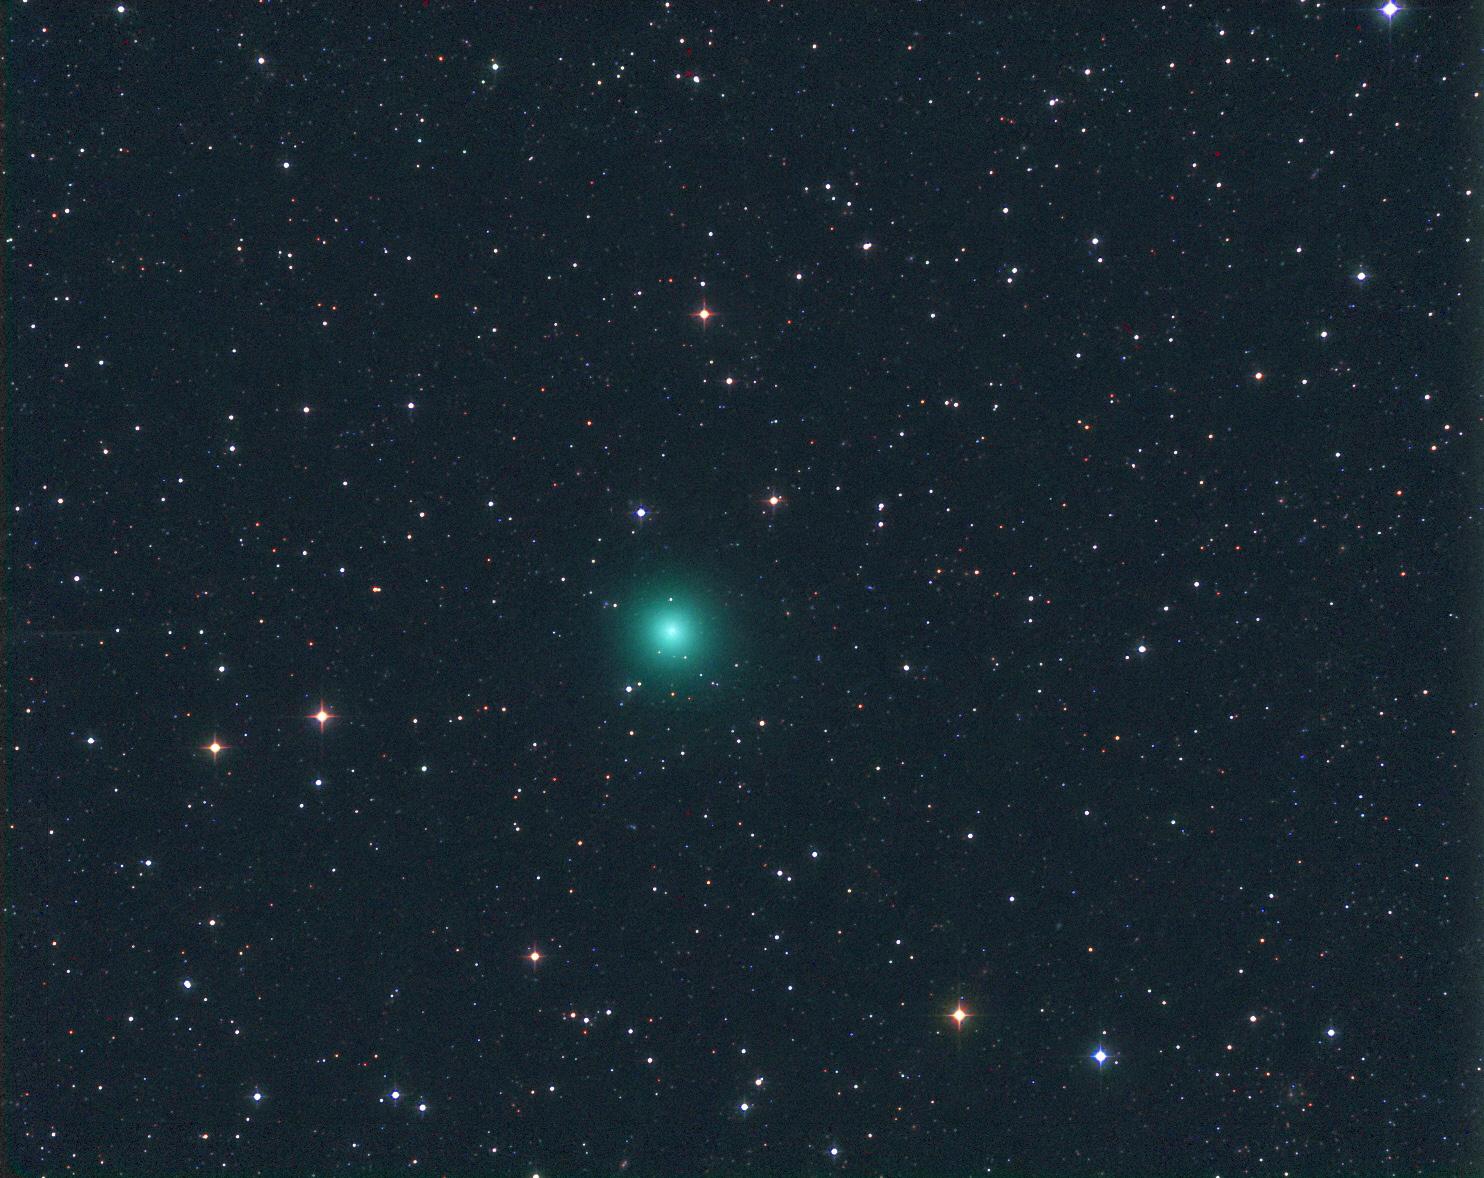 Komety vizuálně v době novu 29. 12. 2016